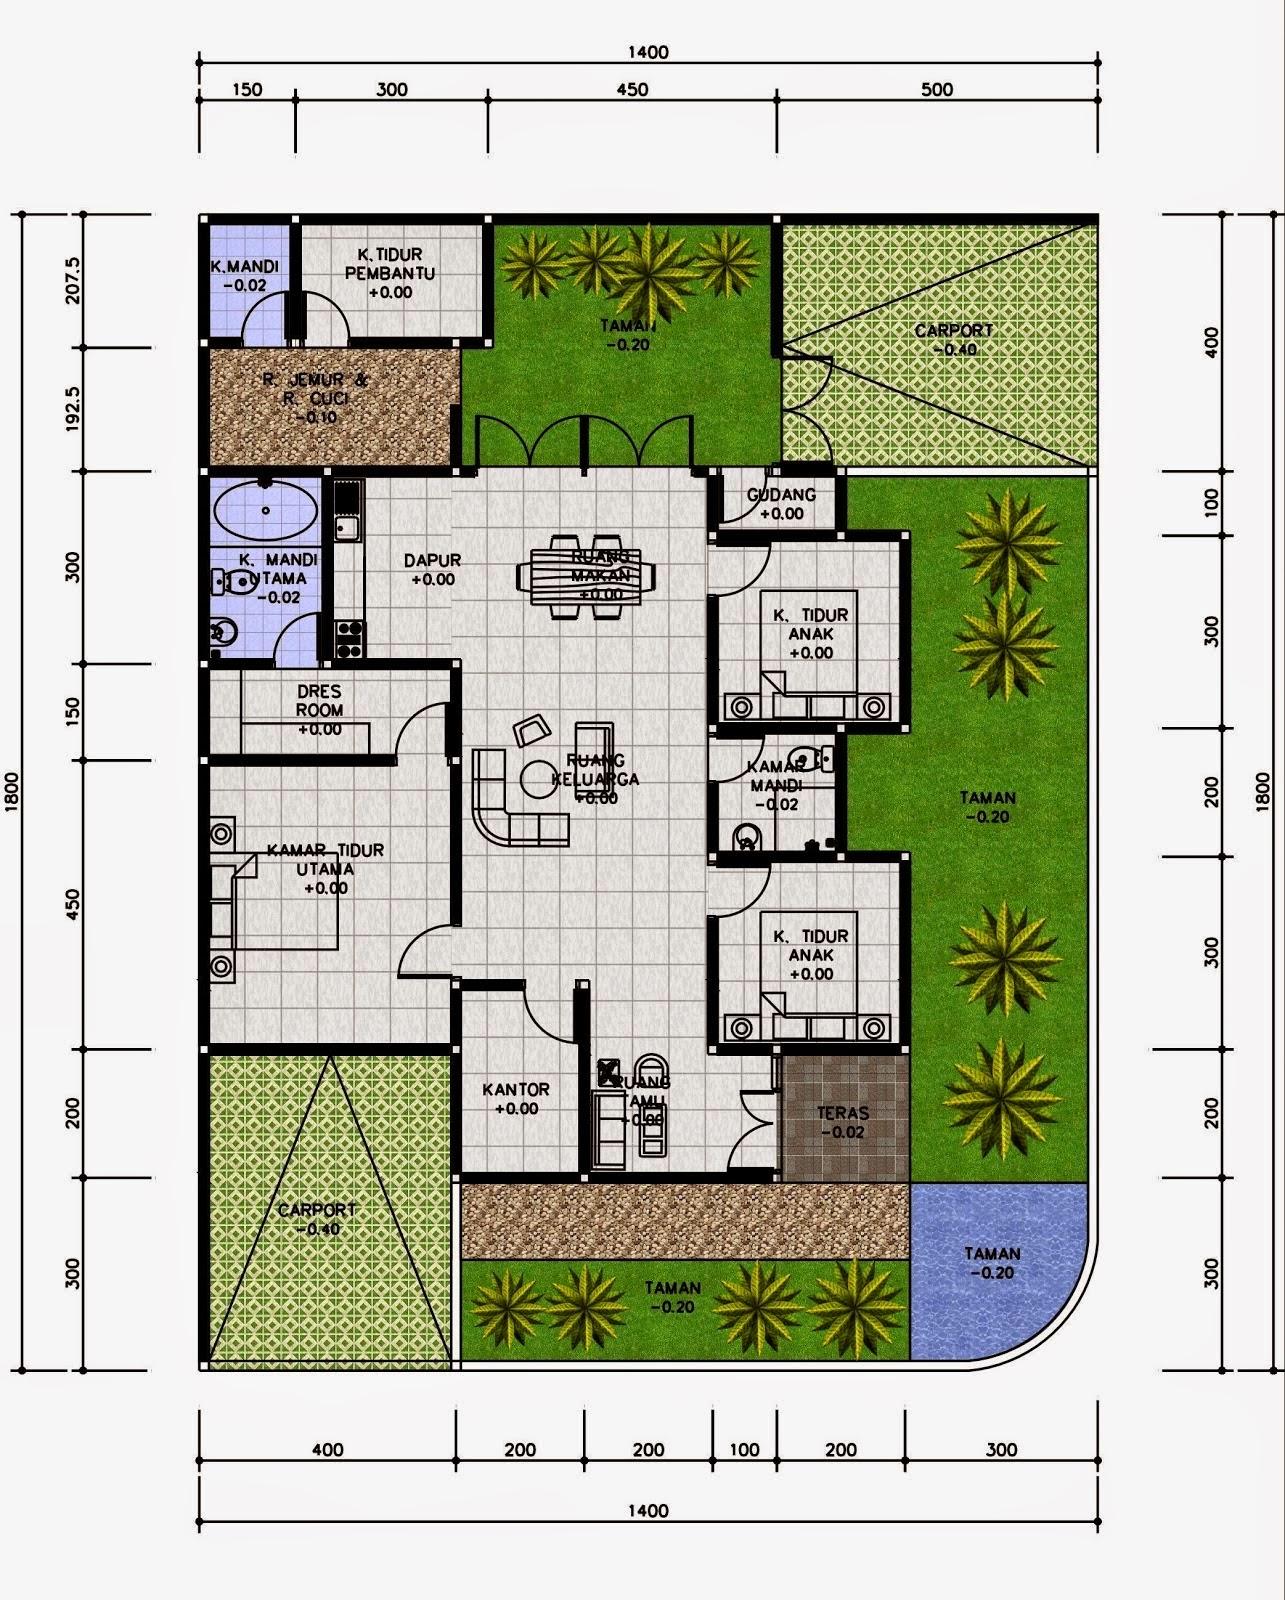 Rumah Minimalis Modern 1 Lantai 4 Kamar Tidur Desain Rumah Minimalis